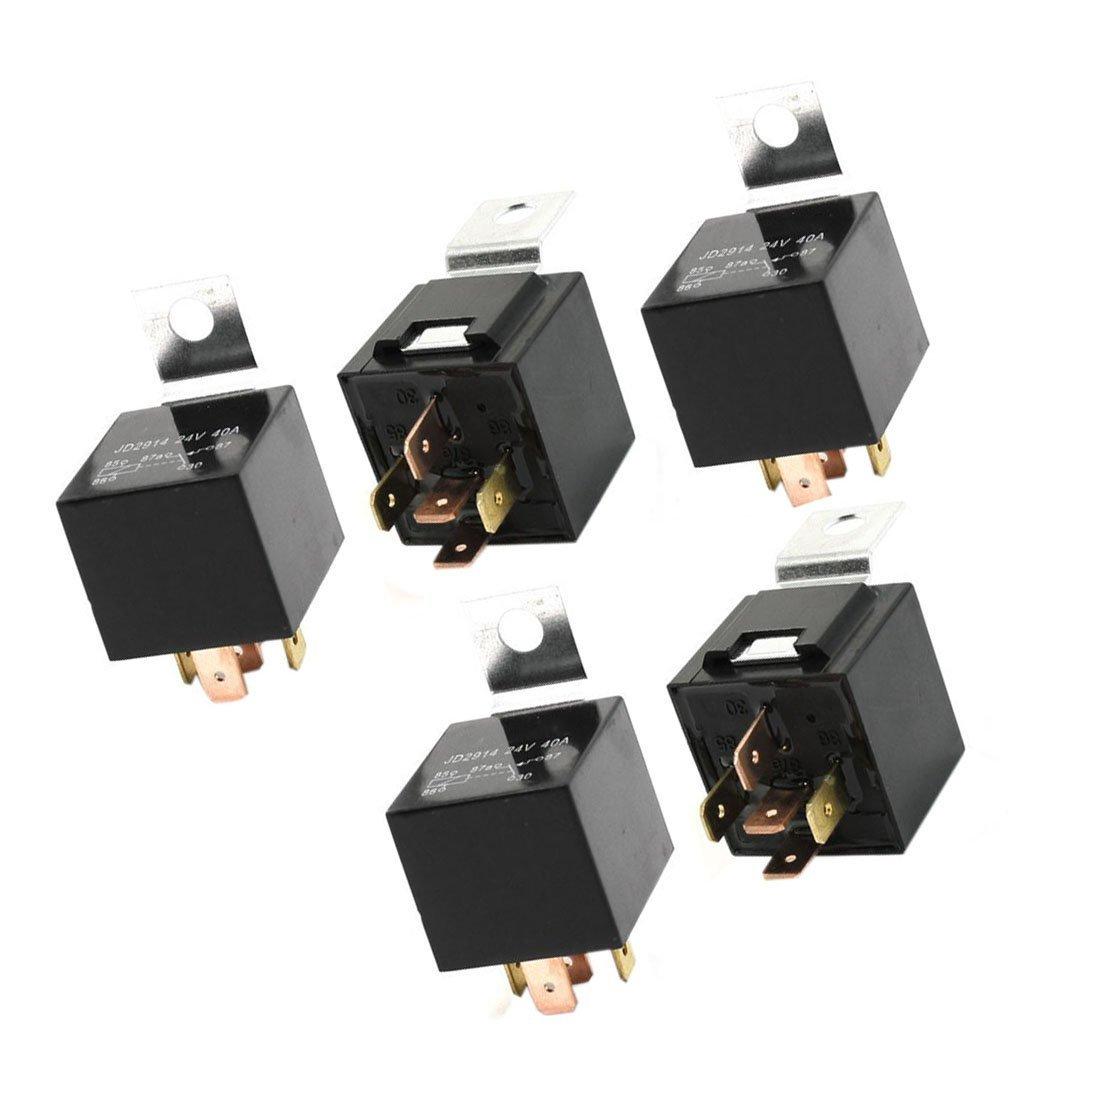 Rele de auto - TOOGOO(R)5 Pzs Interruptor de rele de coche vehiculo Potencia 5-Pines 24 voltios 40 amperios: Amazon.es: Coche y moto